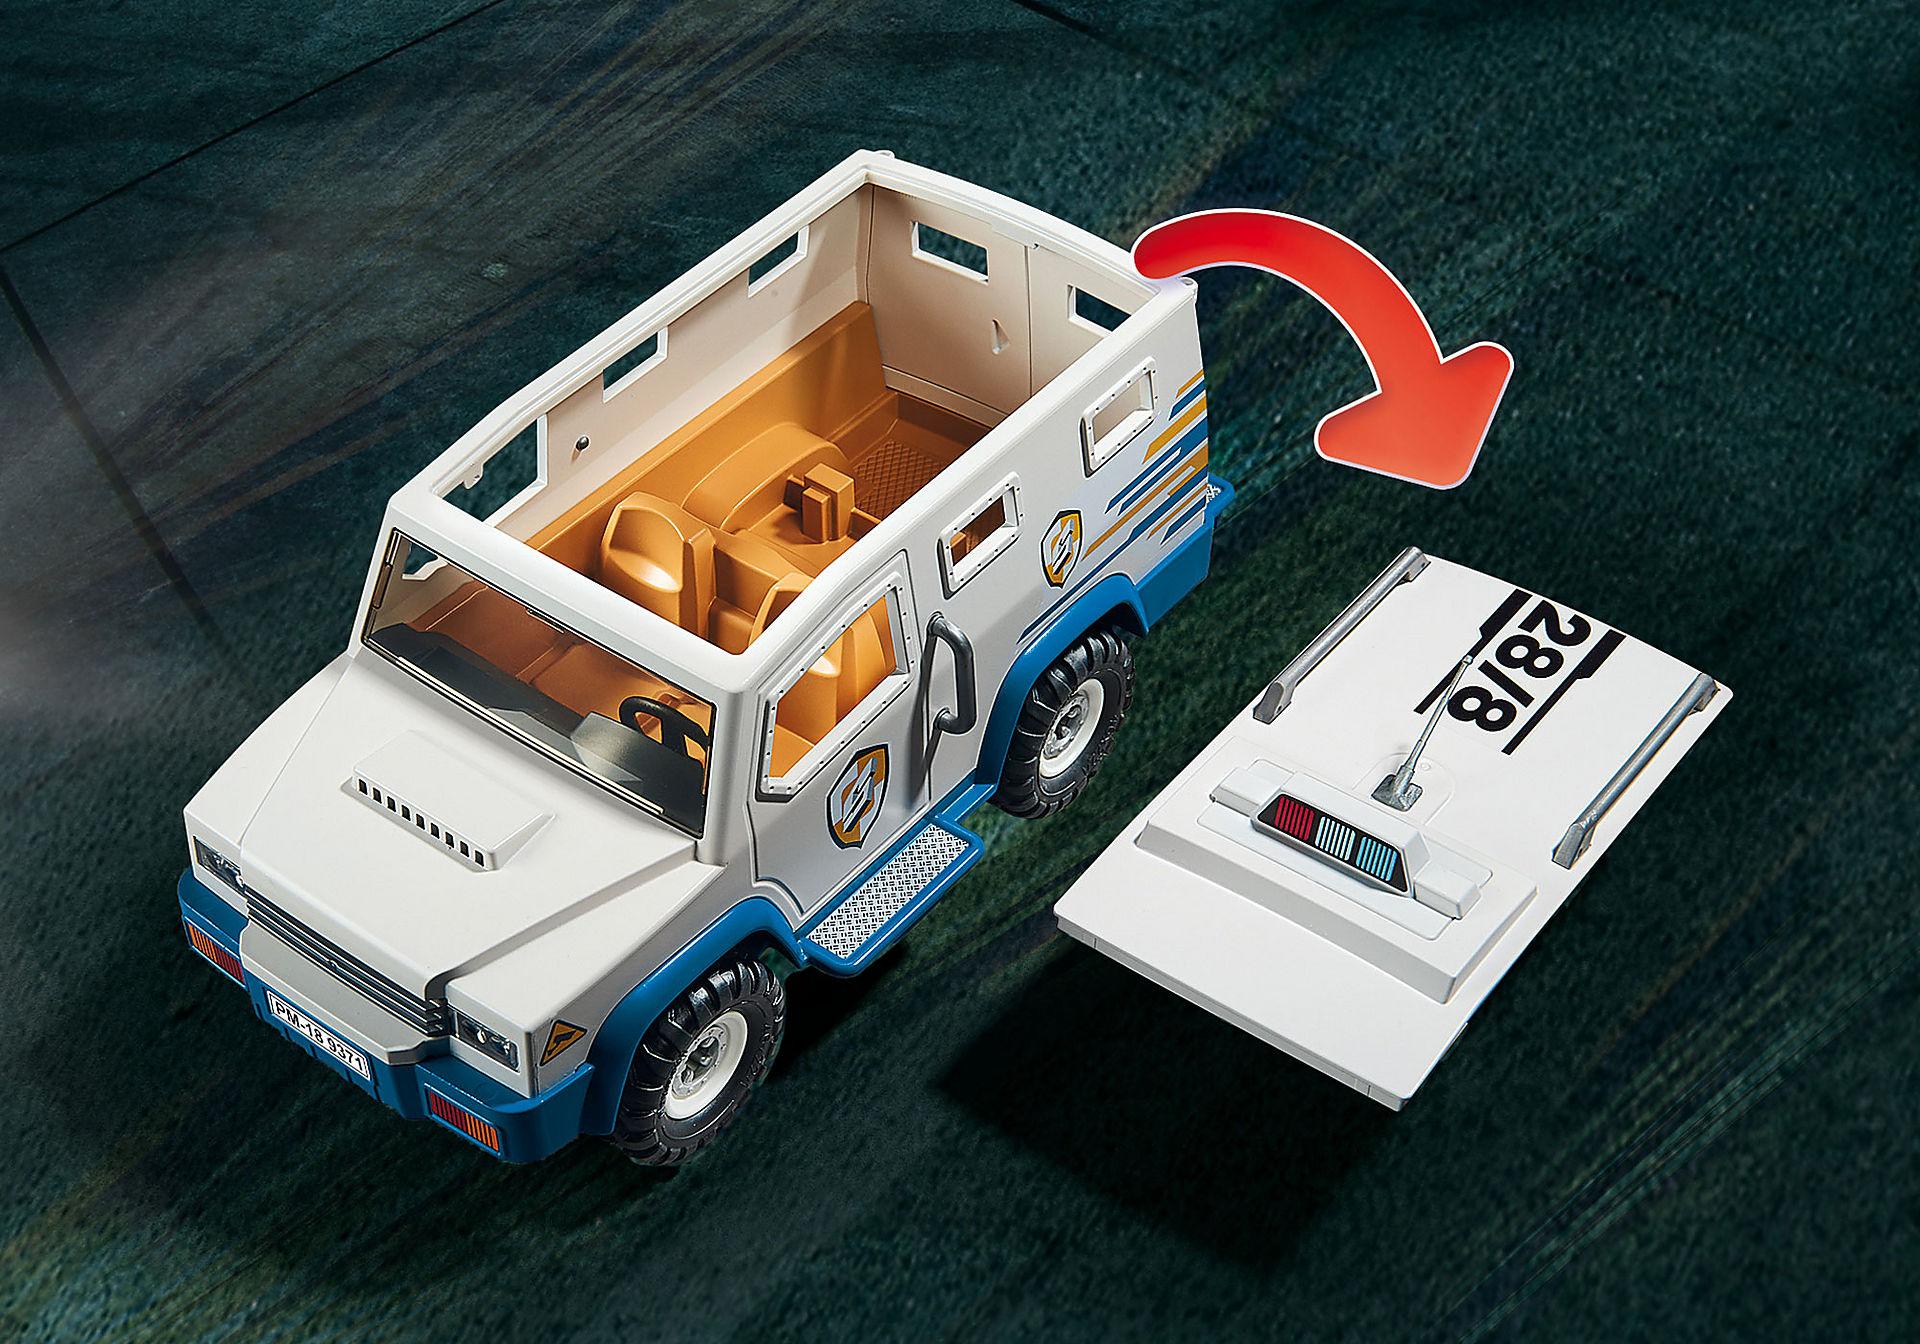 http://media.playmobil.com/i/playmobil/9371_product_extra1/Fourgon blindé avec convoyeurs de fonds